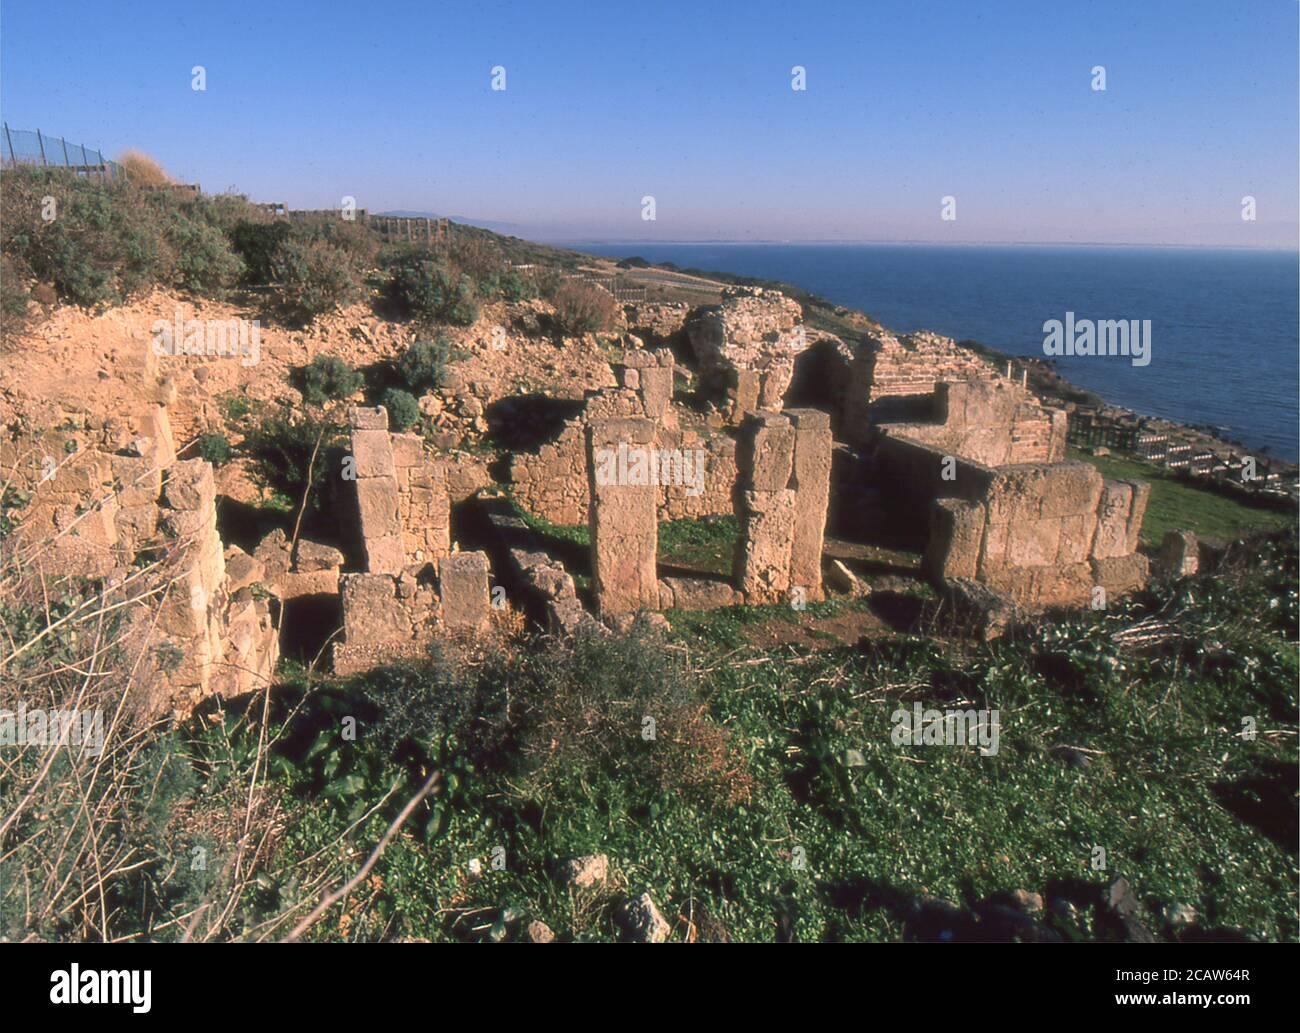 Área arqueológica de Tharros, Cerdeña, Italia (escaneado desde Fujichrome Velvia) Foto de stock